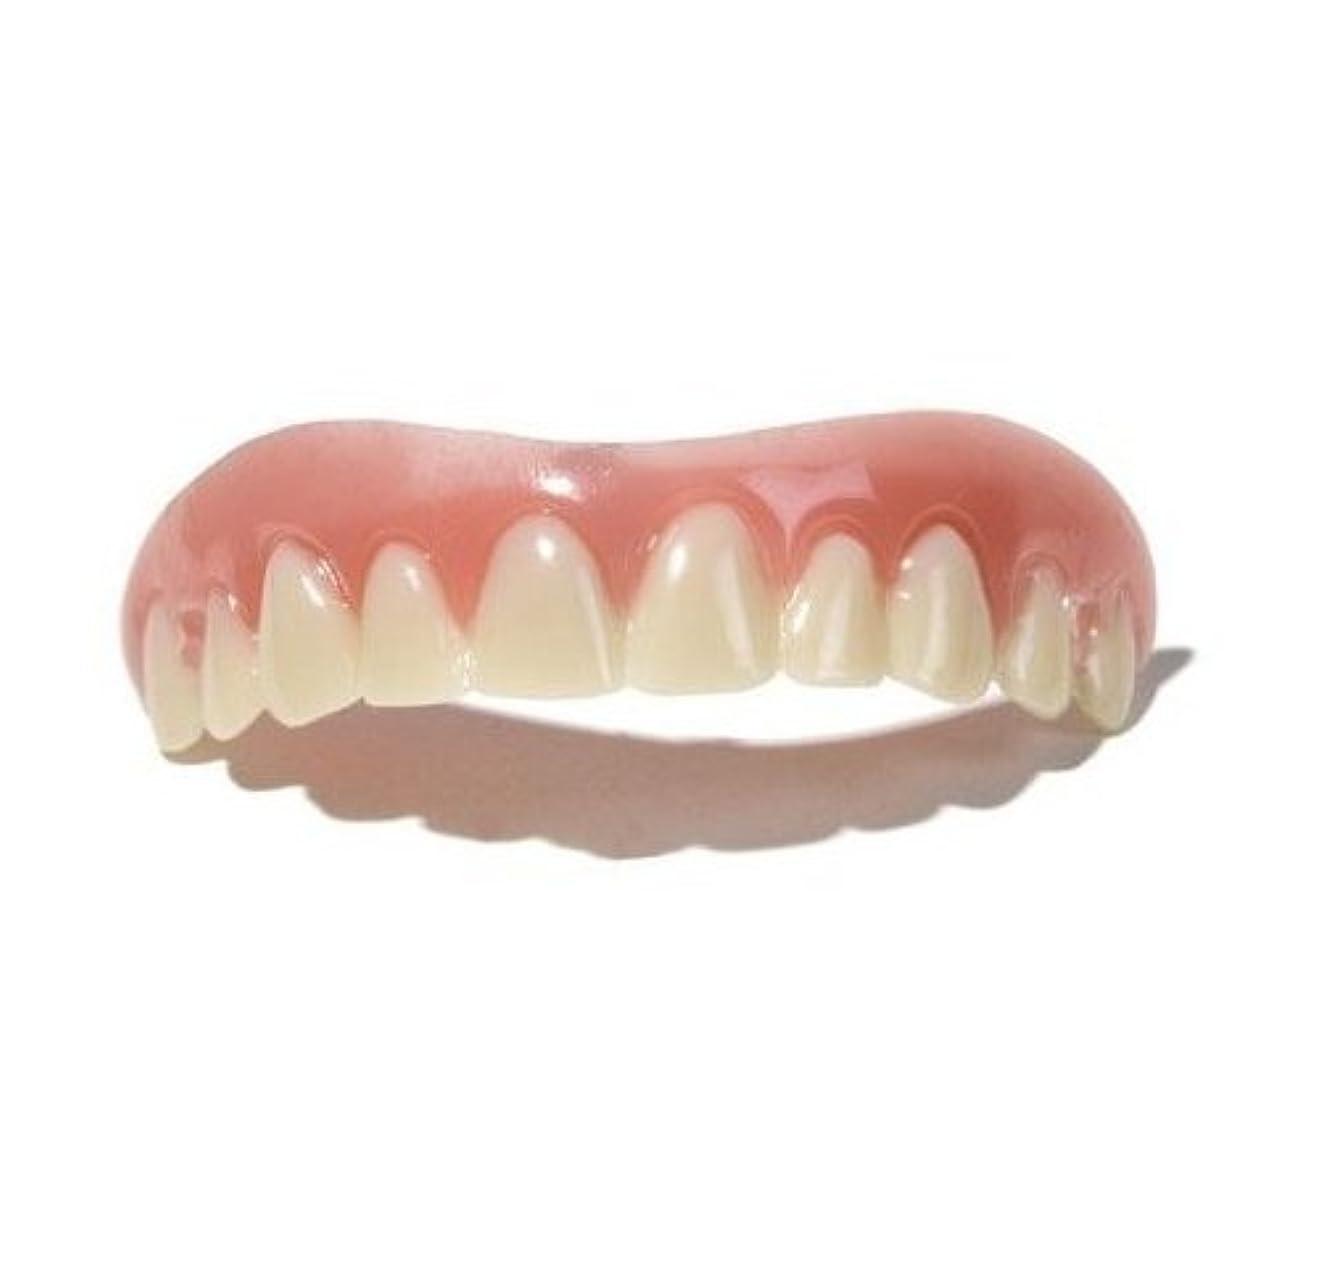 タフ監査完璧なインスタント 美容 つけ歯 上歯(free size (Medium)) [並行輸入品]